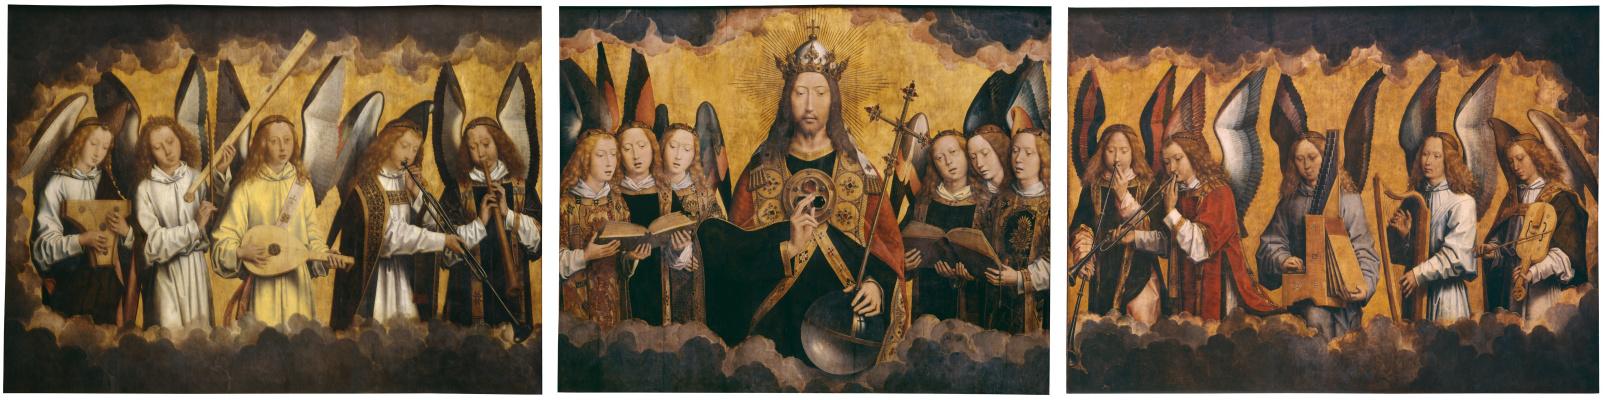 Ганс Мемлинг. Христос с поющими и музицирующими ангелами. Триптих